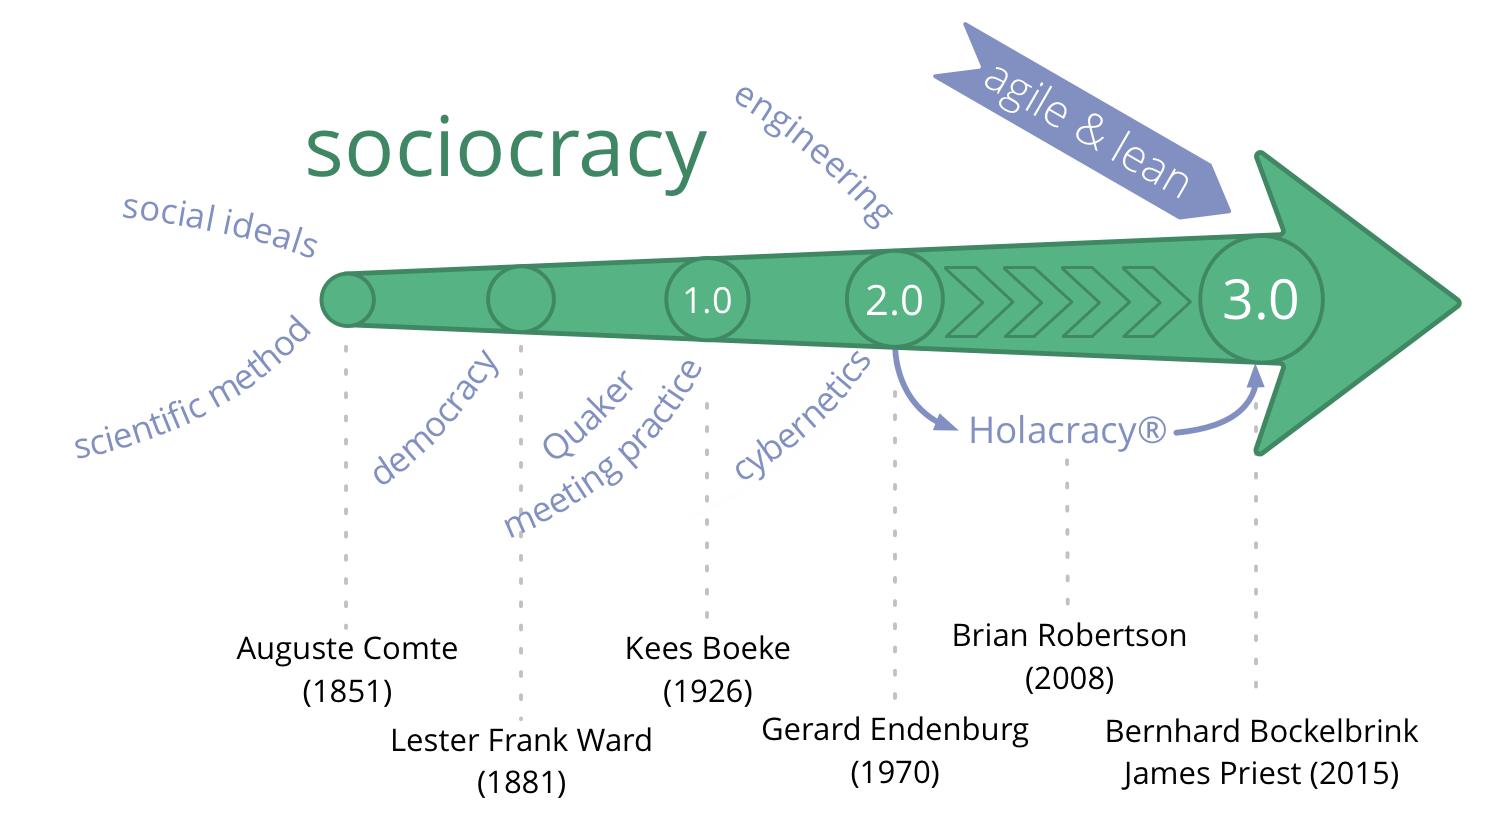 history sociocracy 3.0